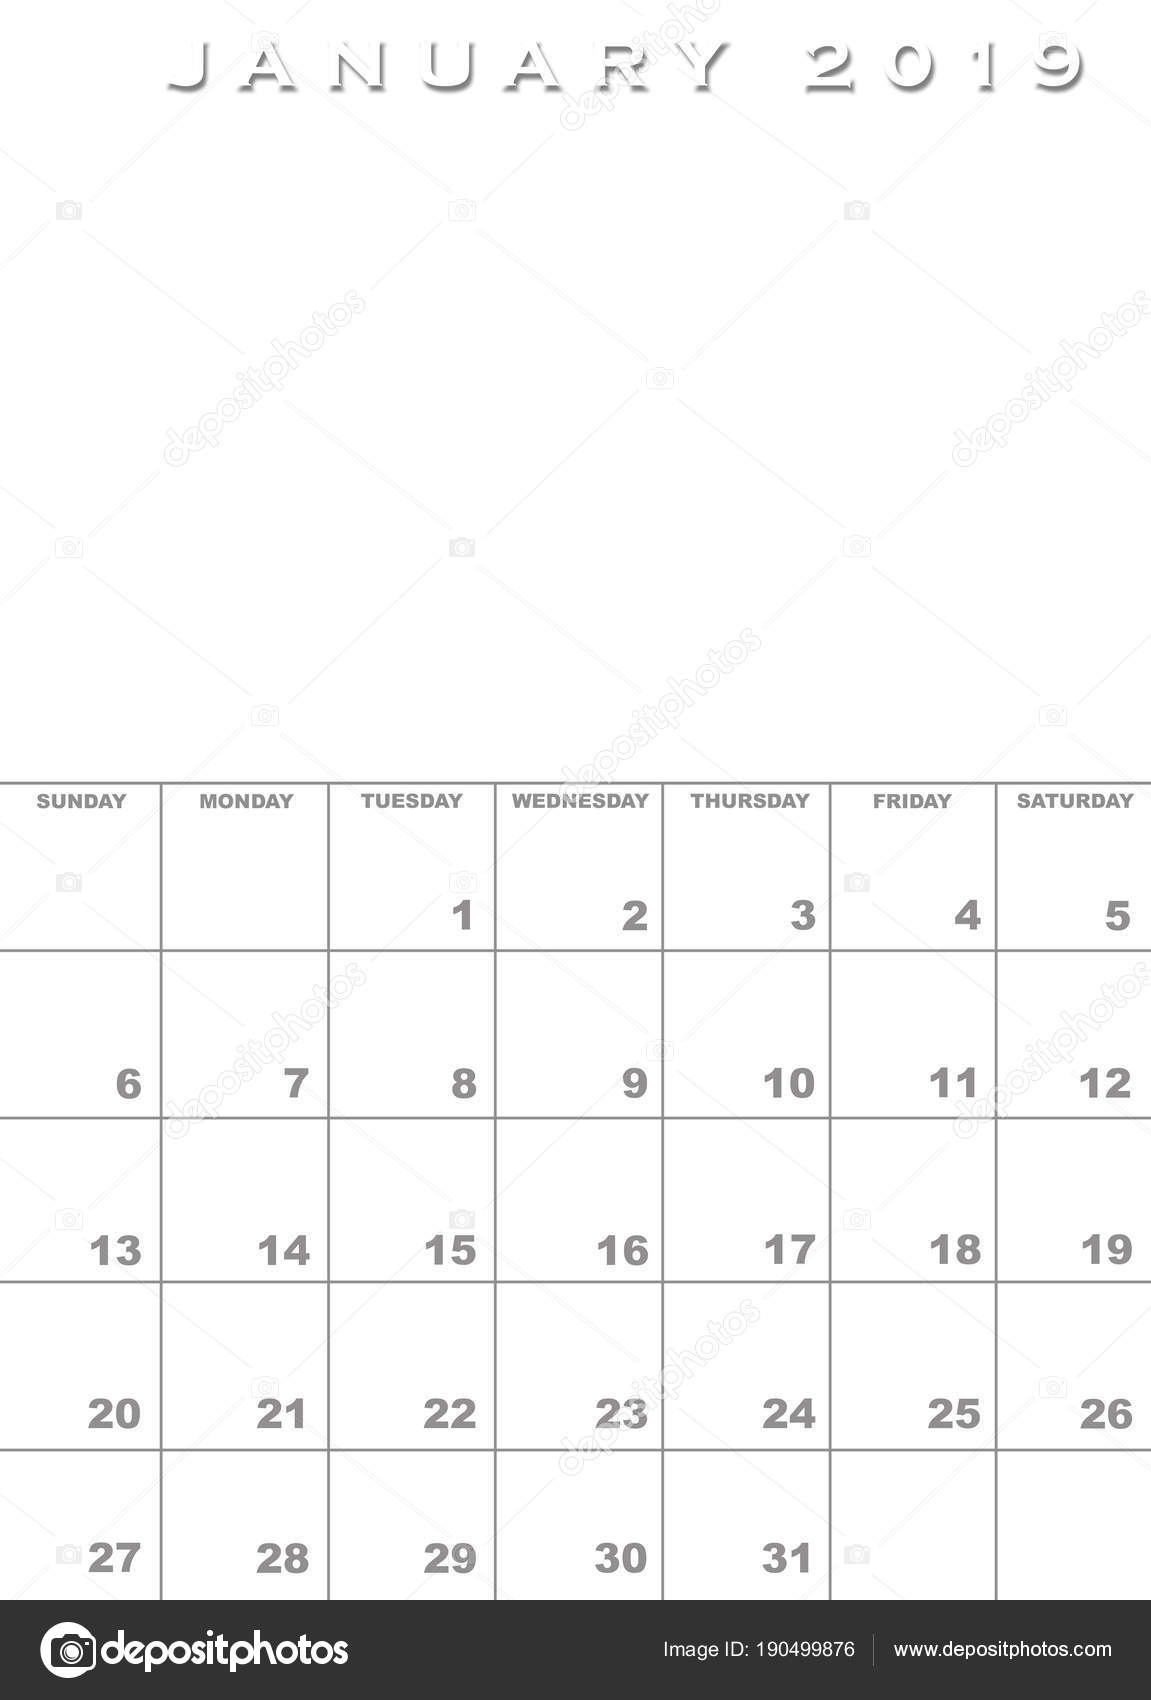 üres naptár sablon 2019 Január 2019 Naptár sablon — Stock Fotó © paulvinten #190499876 üres naptár sablon 2019